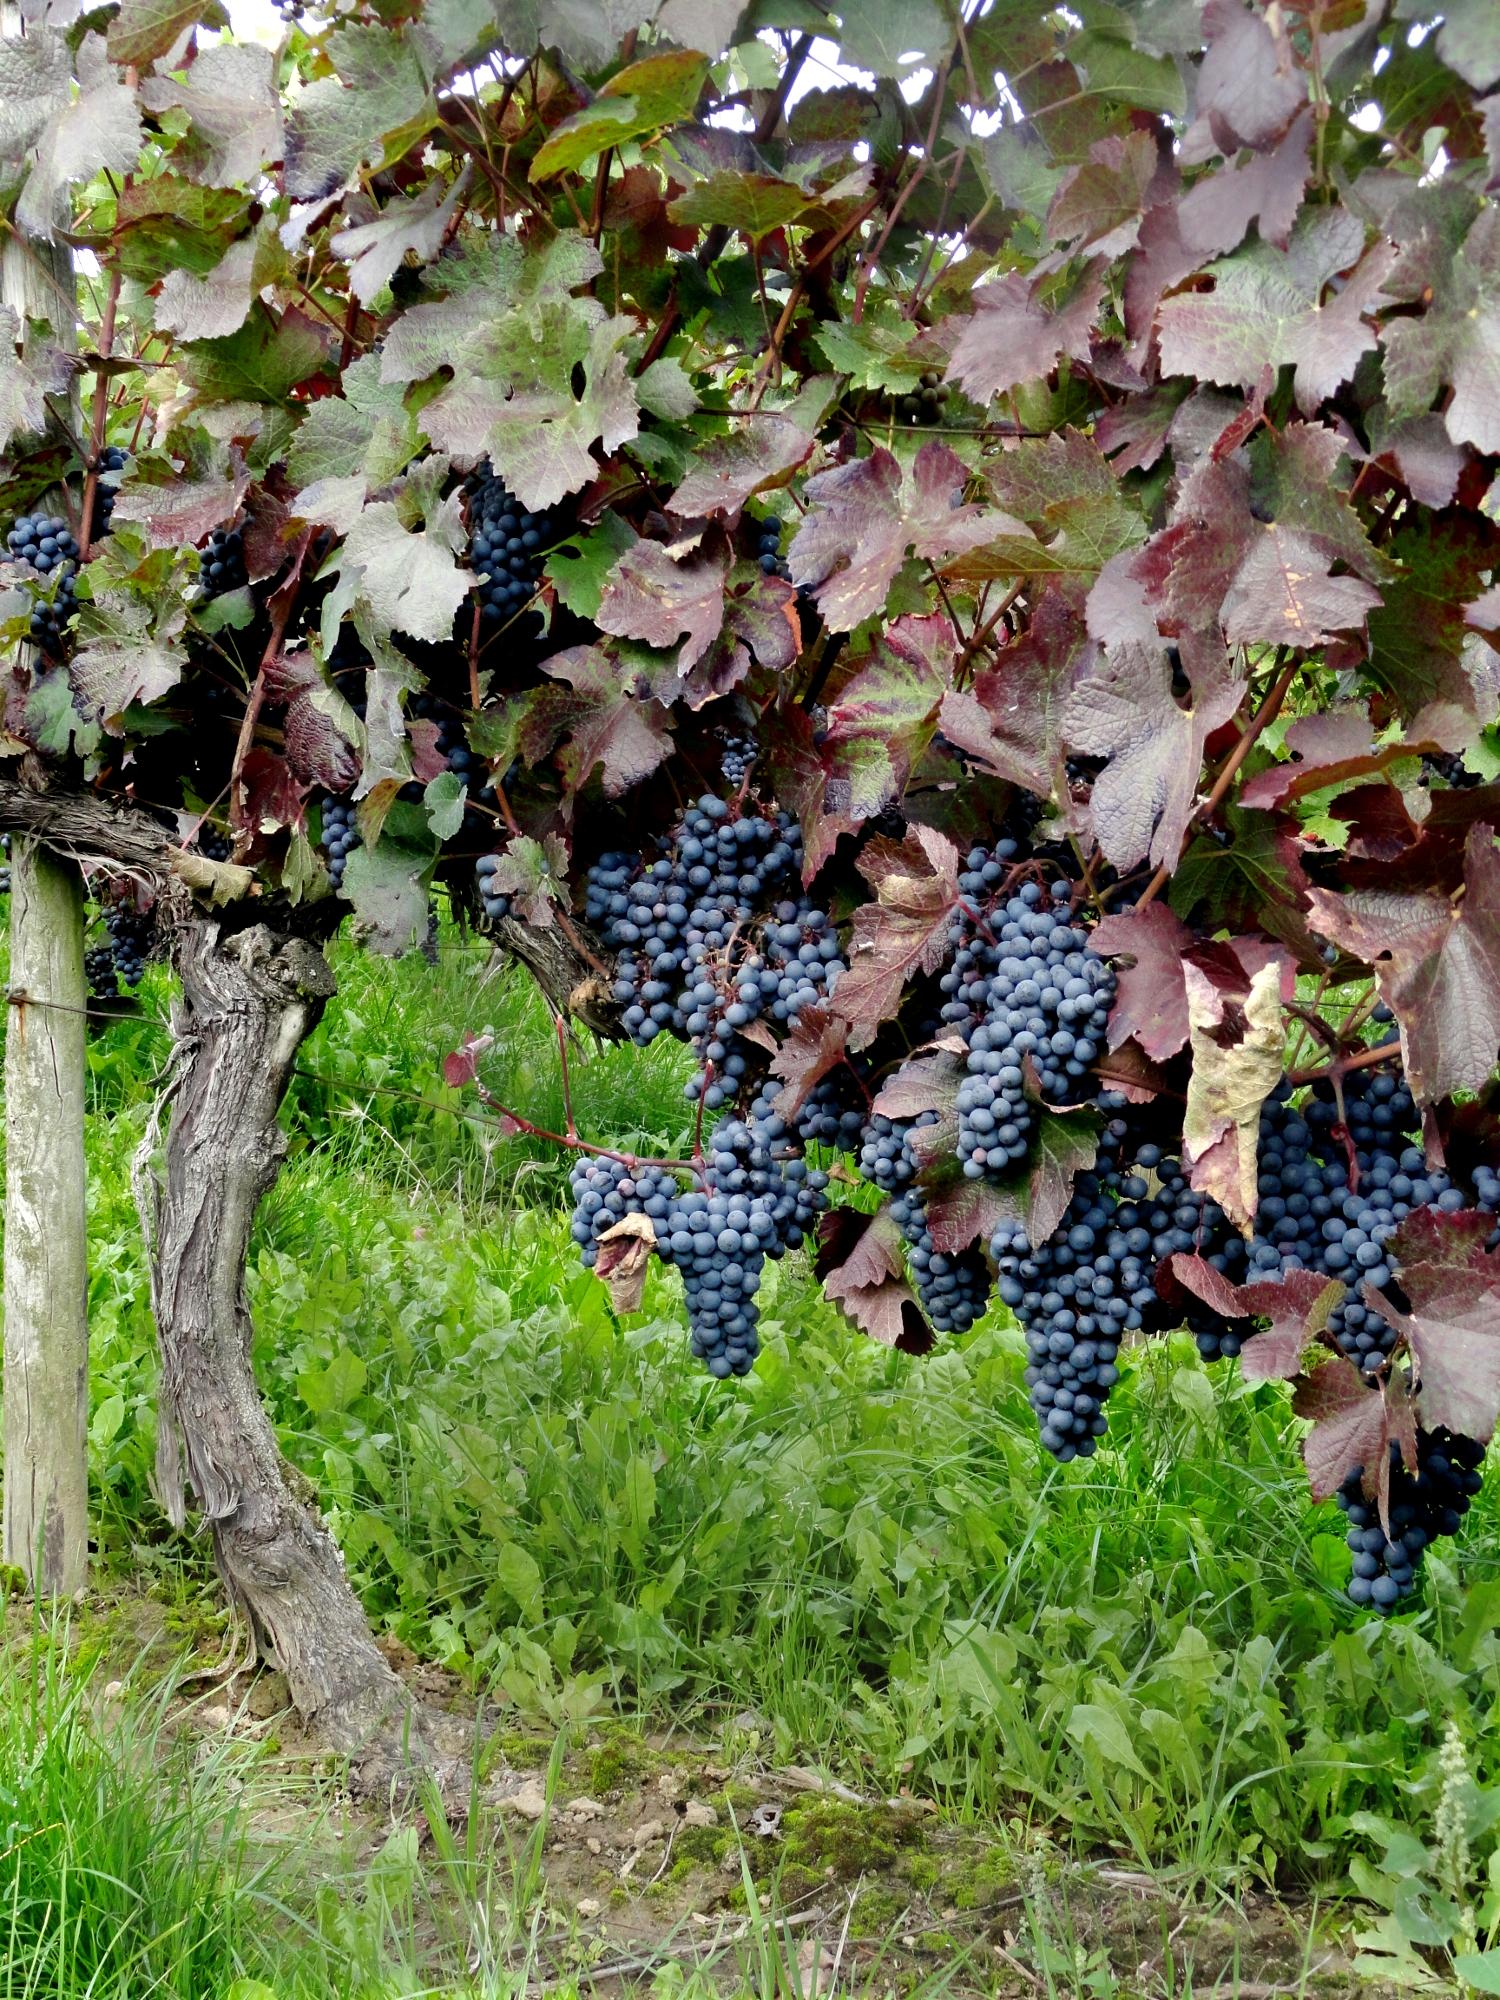 виноградники виноградные гроздья